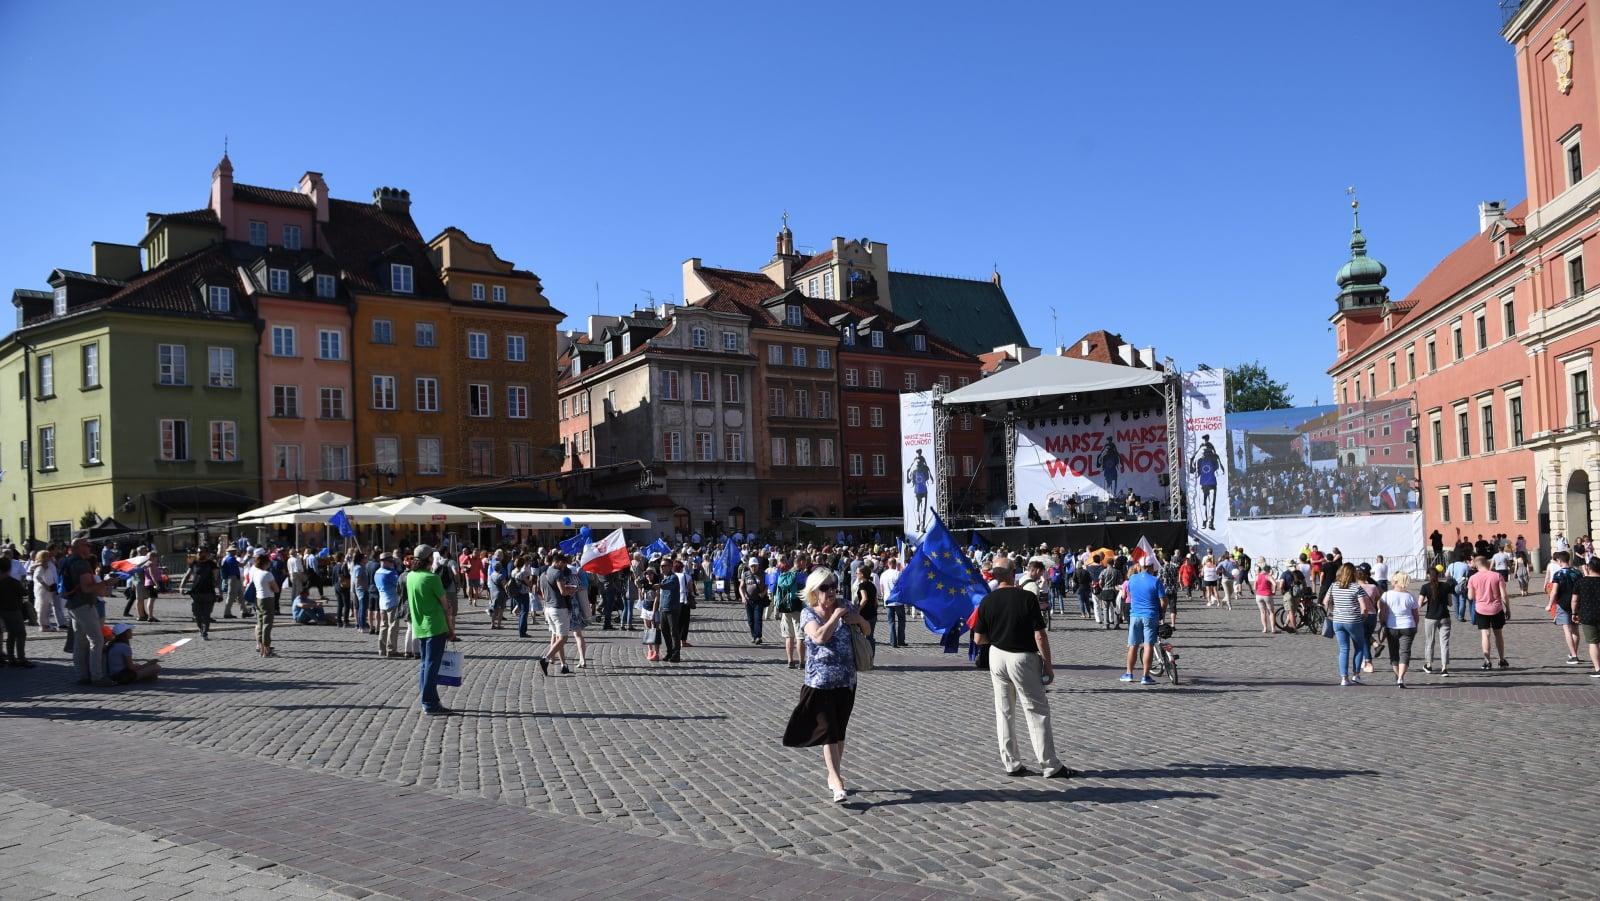 Marsz Wolność w Warszawie